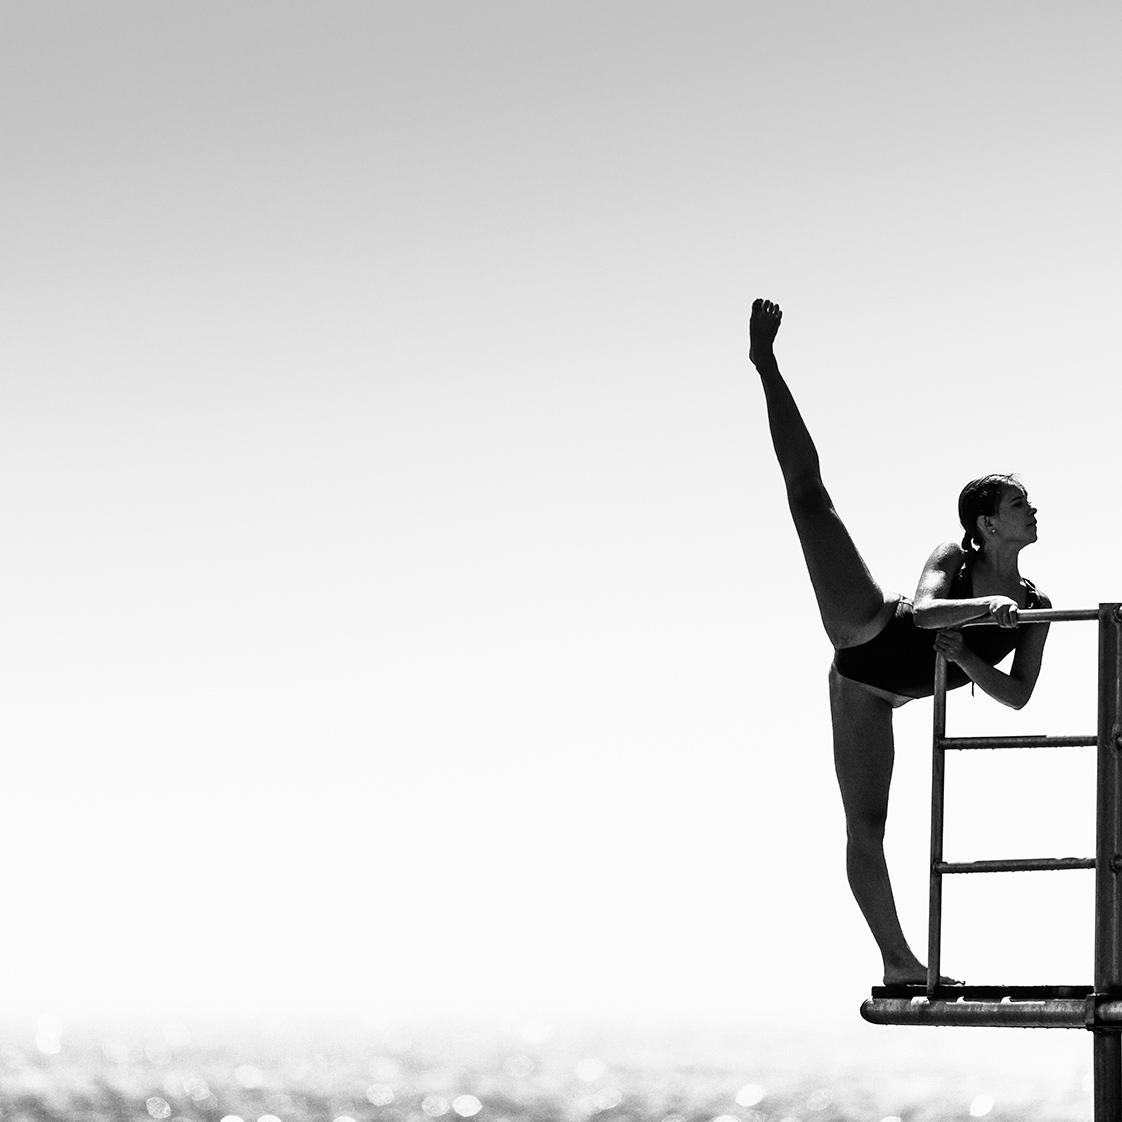 photographie d'une danseuse sur un plongeoir